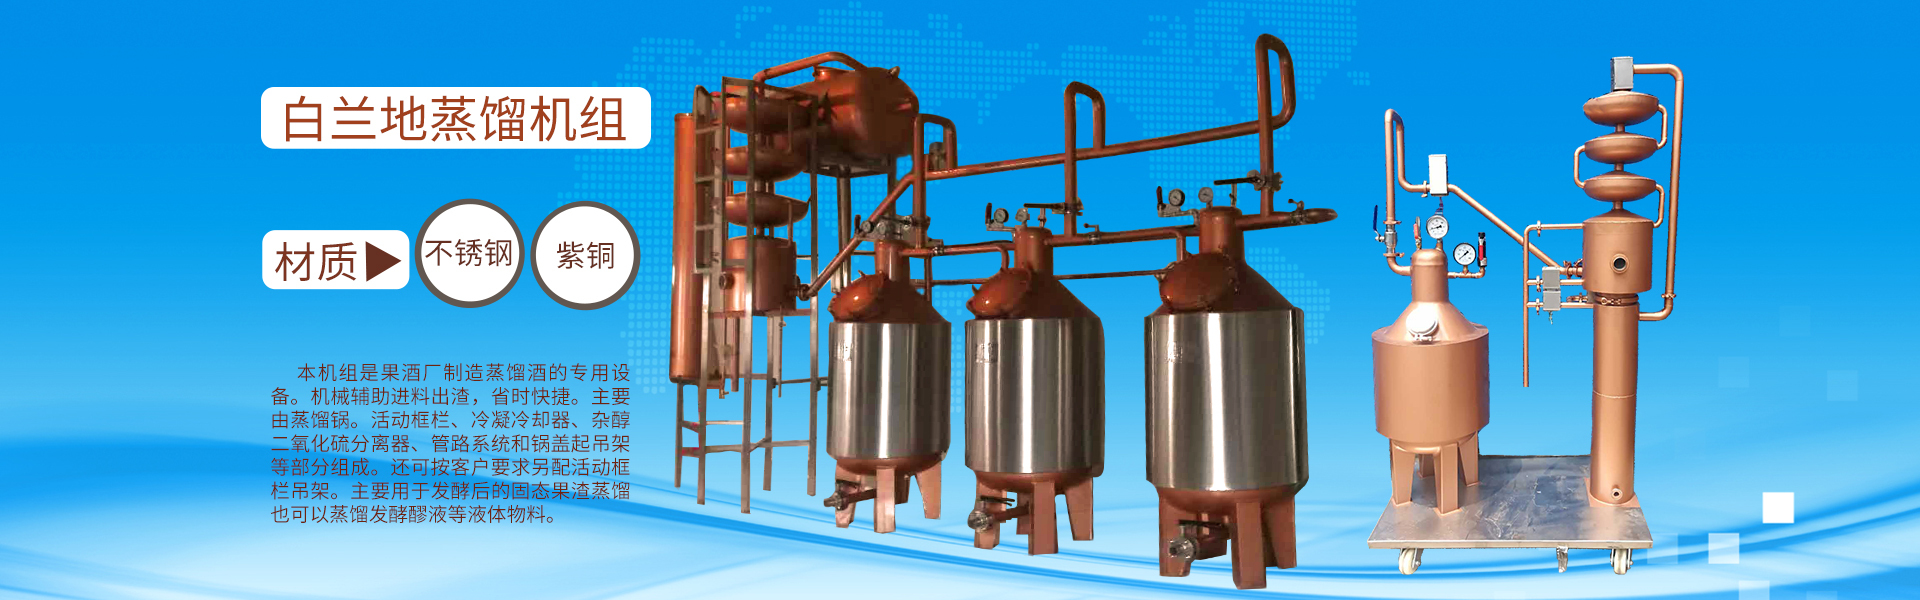 白兰地蒸馏机组,白兰地蒸馏机,葡萄皮渣蒸馏机组